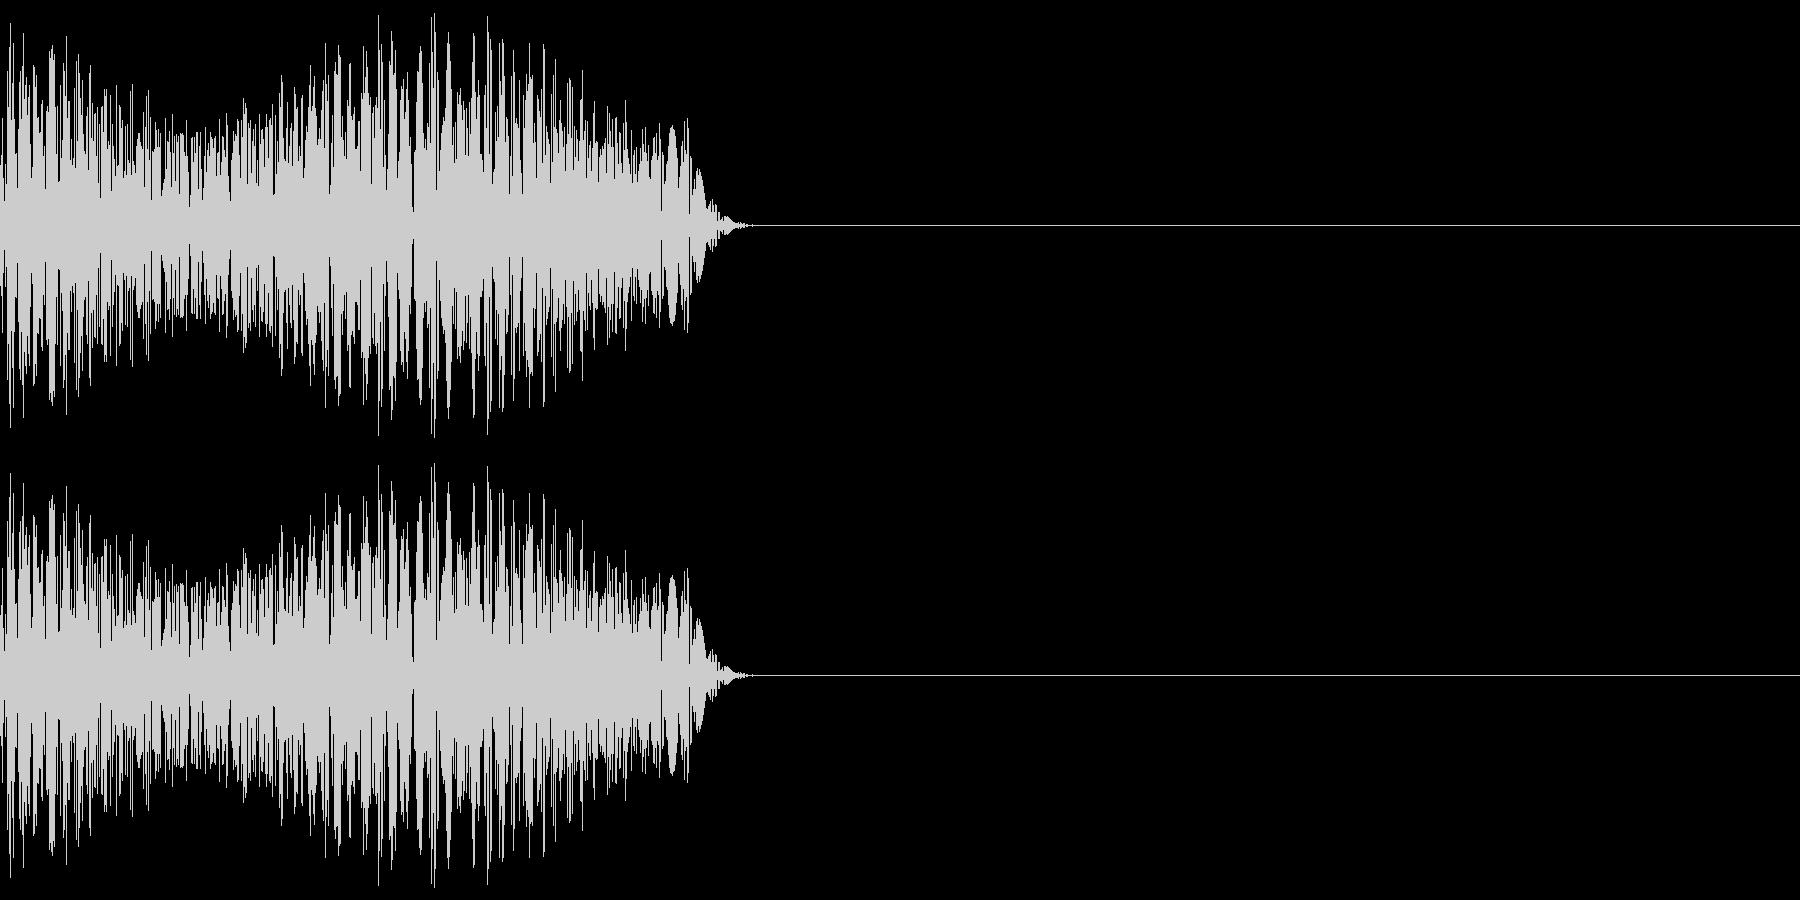 ゲーム等の禁止音「ブッ」 低めの音程の未再生の波形